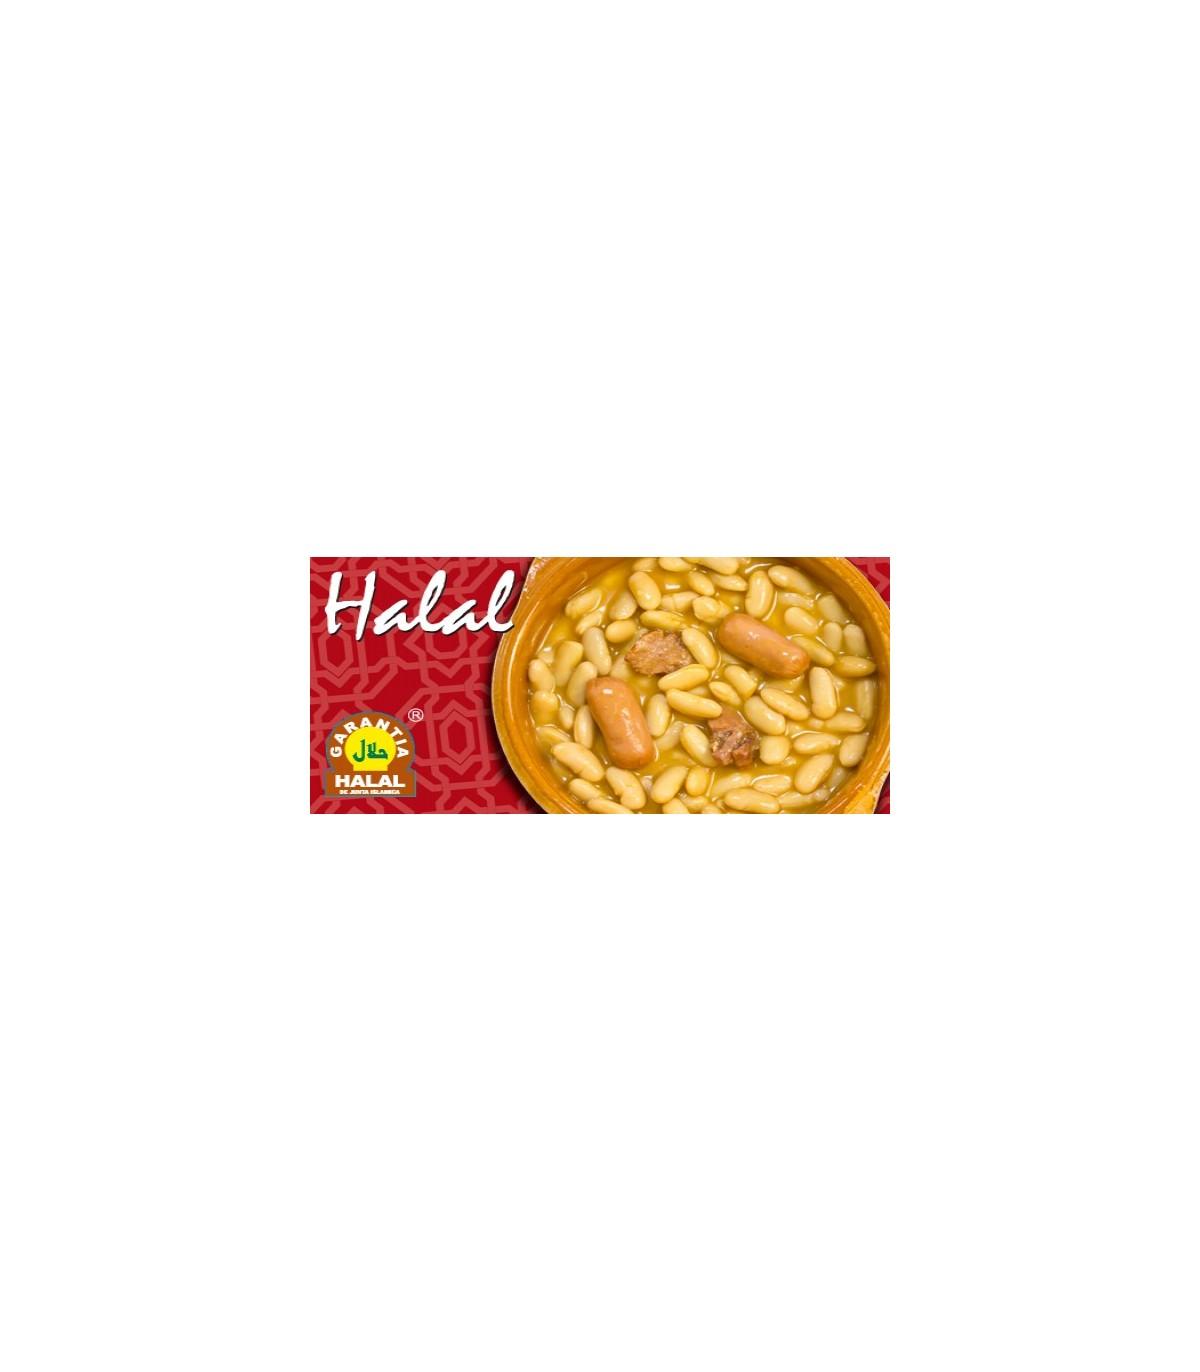 Ziemlich Halal Küche Bilder - Küchen Ideen Modern ...